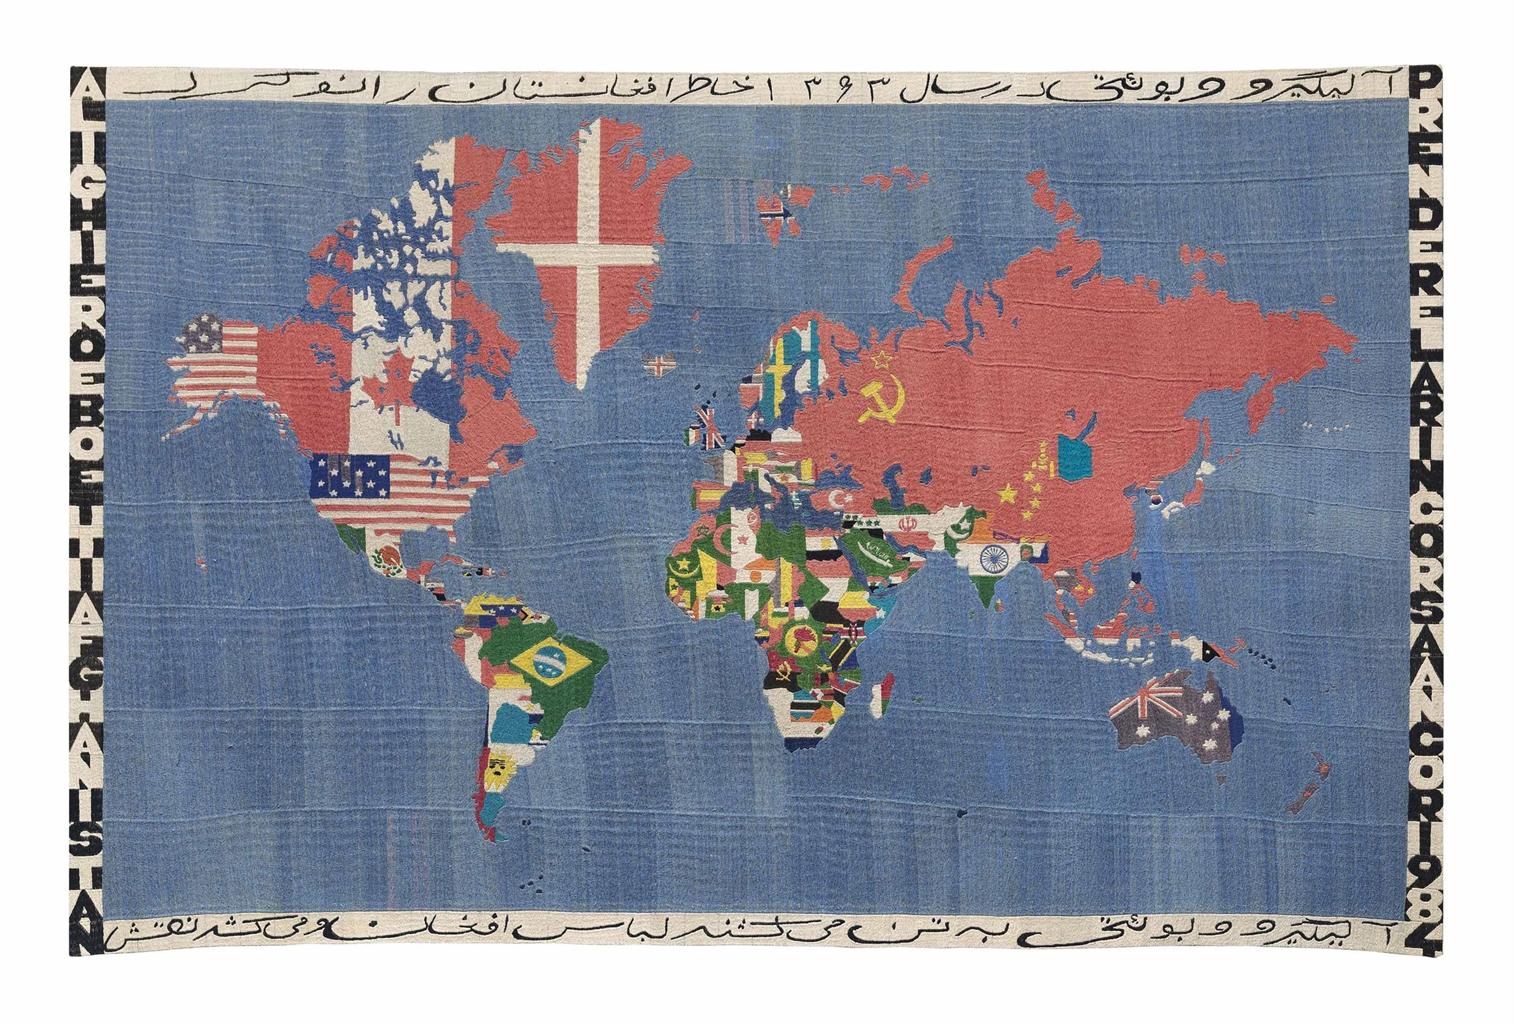 Alighiero Boetti-Mappa-1984